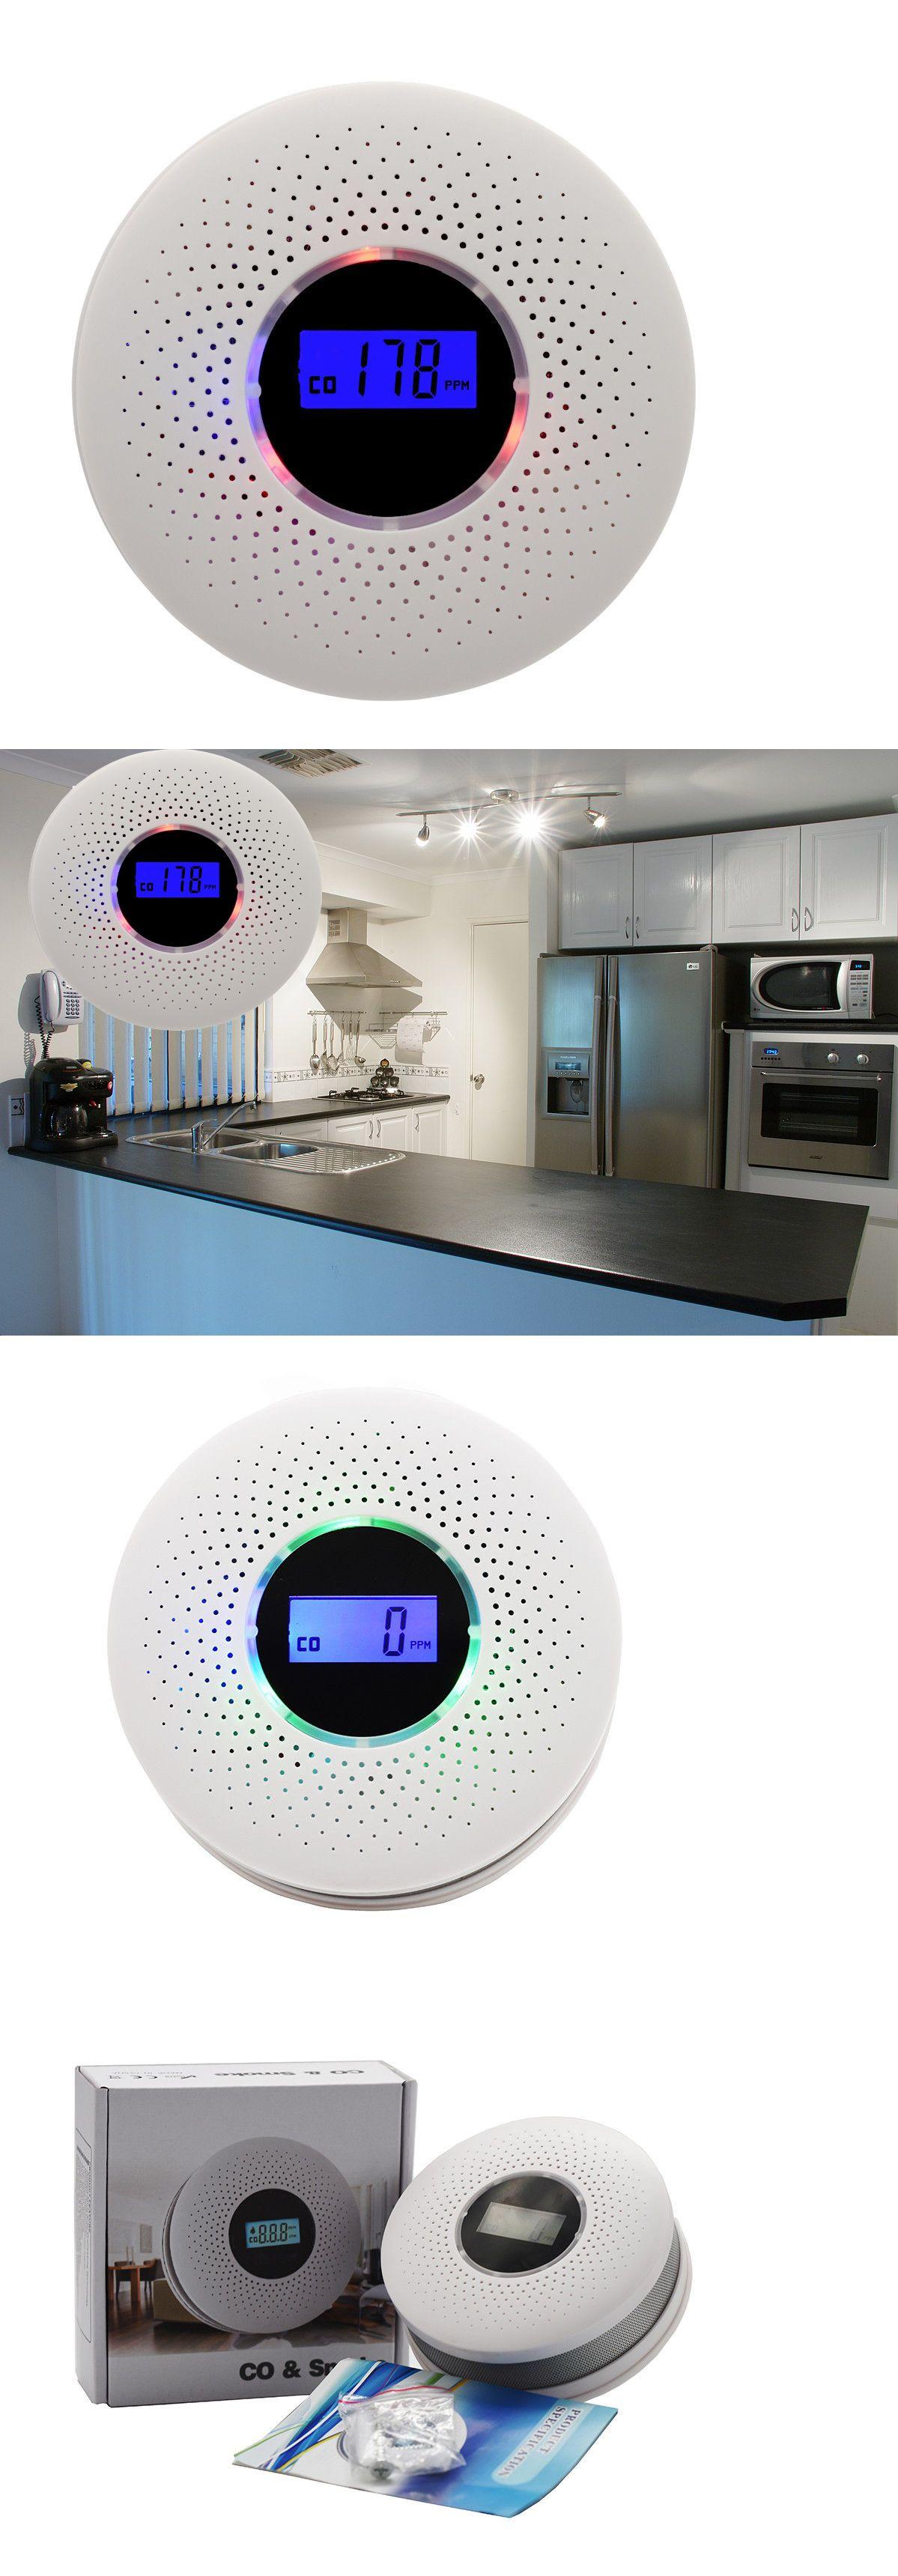 Carbon Monoxide Detectors 115943 Carbon Monoxide Co And Smoke Detector Fire Alarm Smoke Detector With Images Detector Carbon Monoxide Carbon Monoxide Detectors